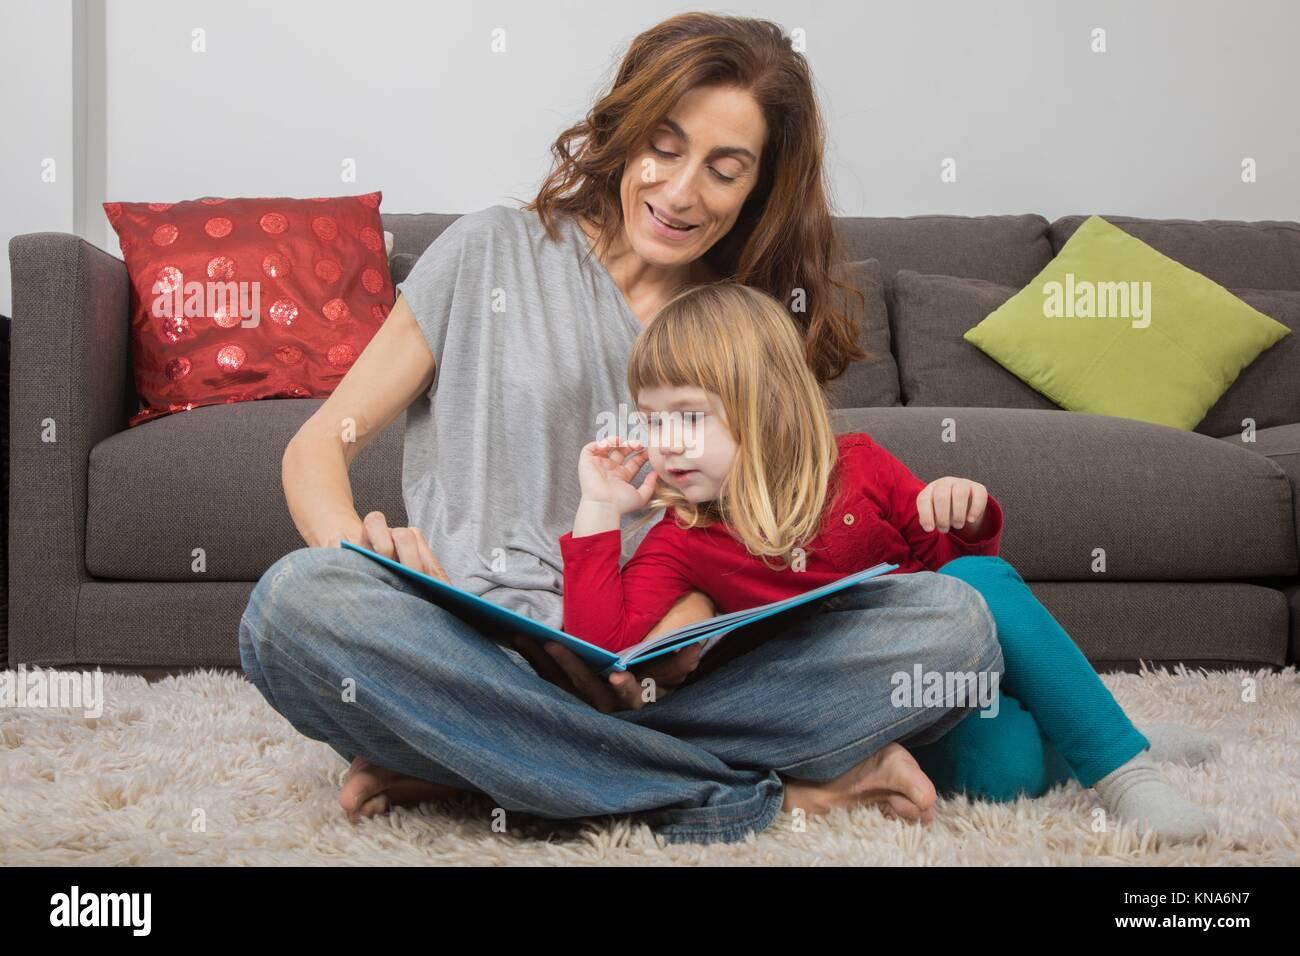 Blonde Kind drei Jahre alt, mit roten und grünen Kleidung, lehnte sich auf Mutter Frau in Jeans, zusammen eine Stockbild